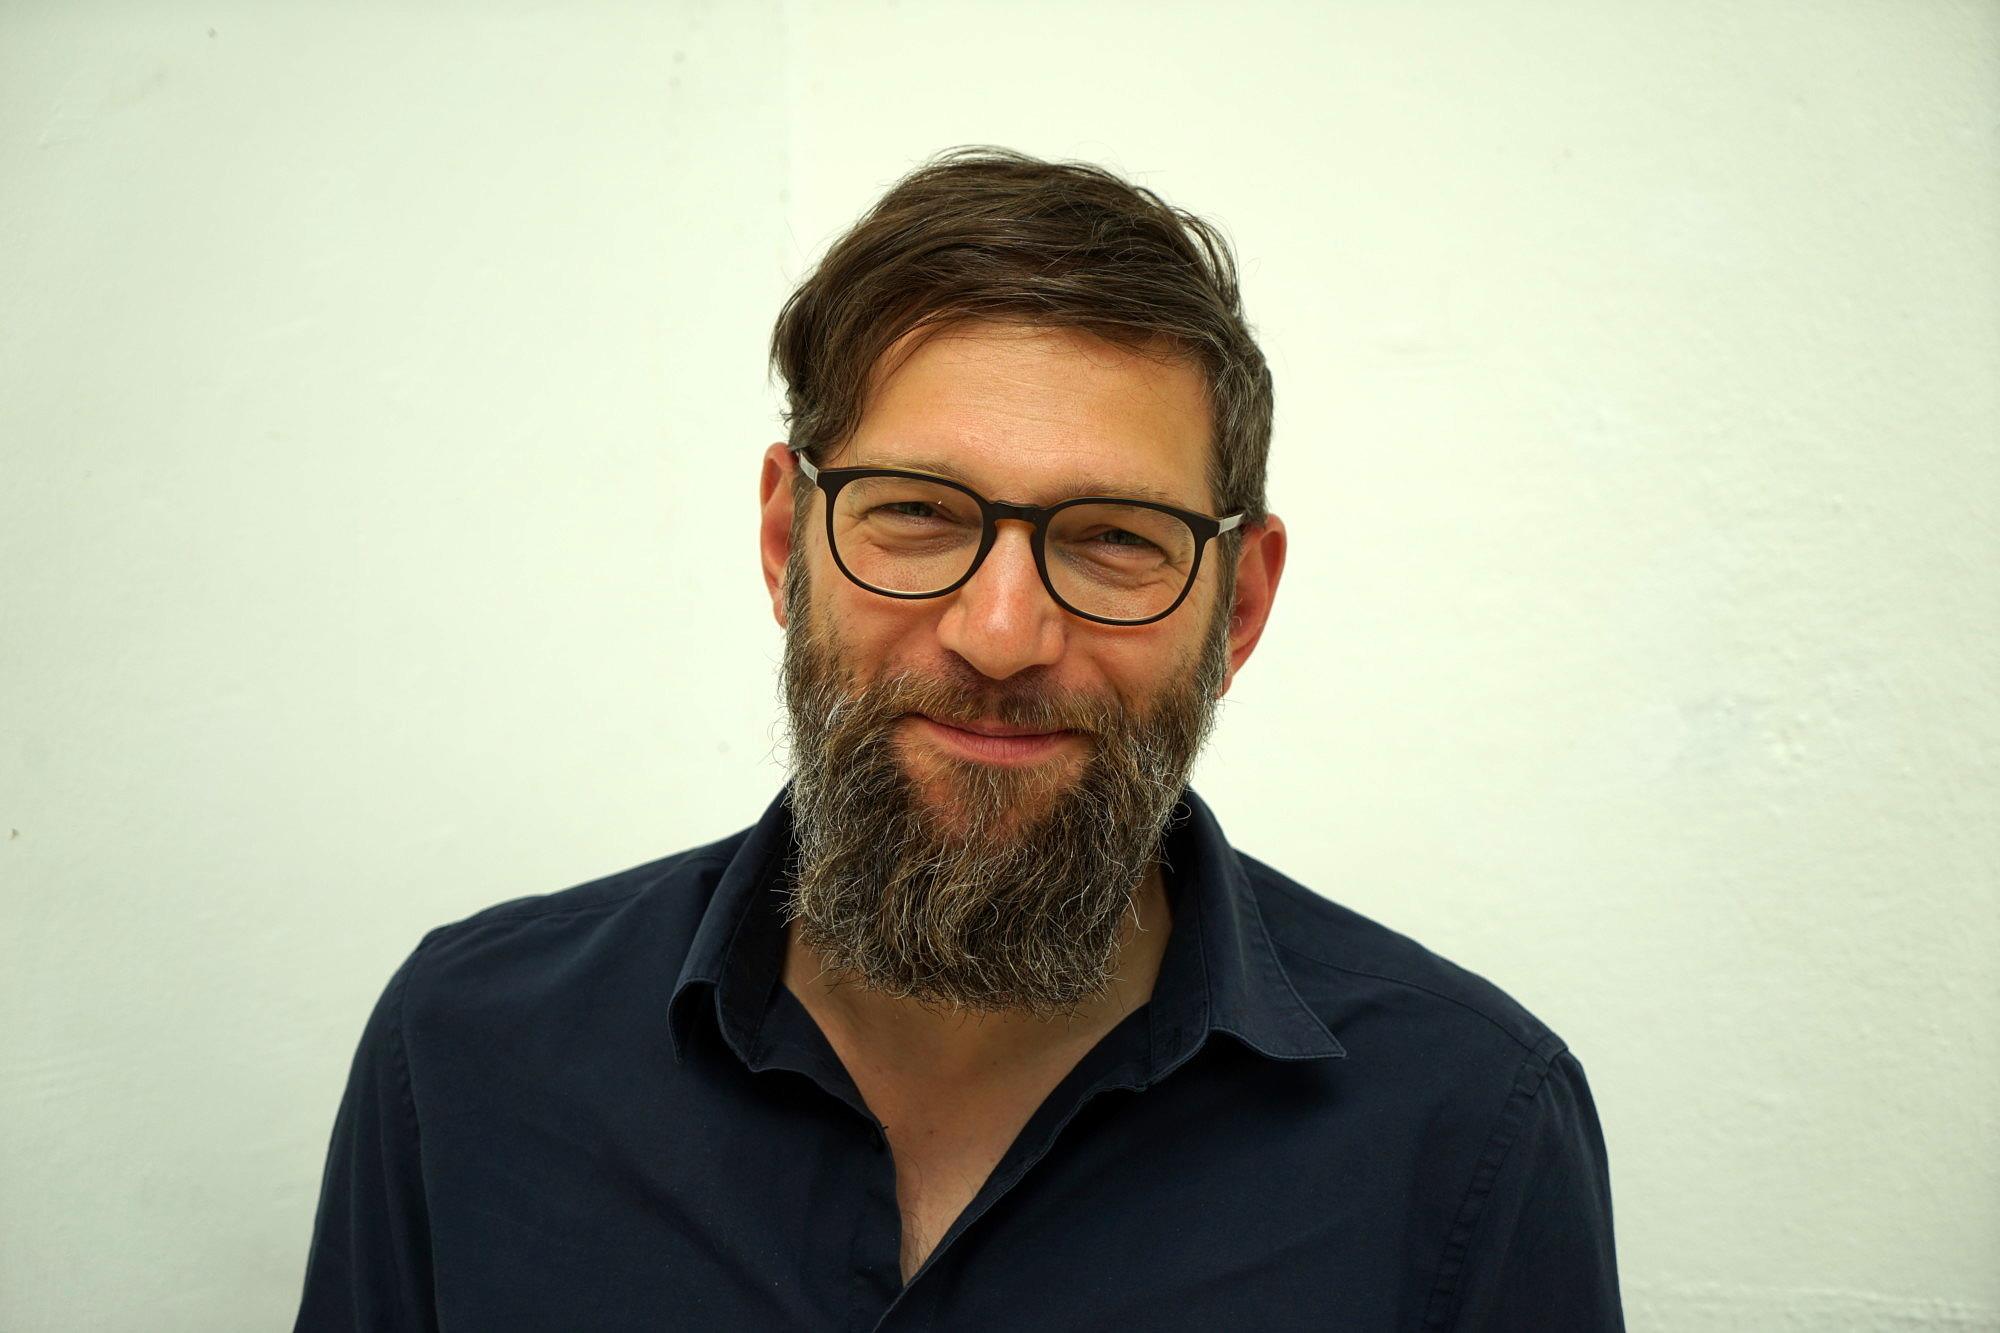 Andreas Kragler